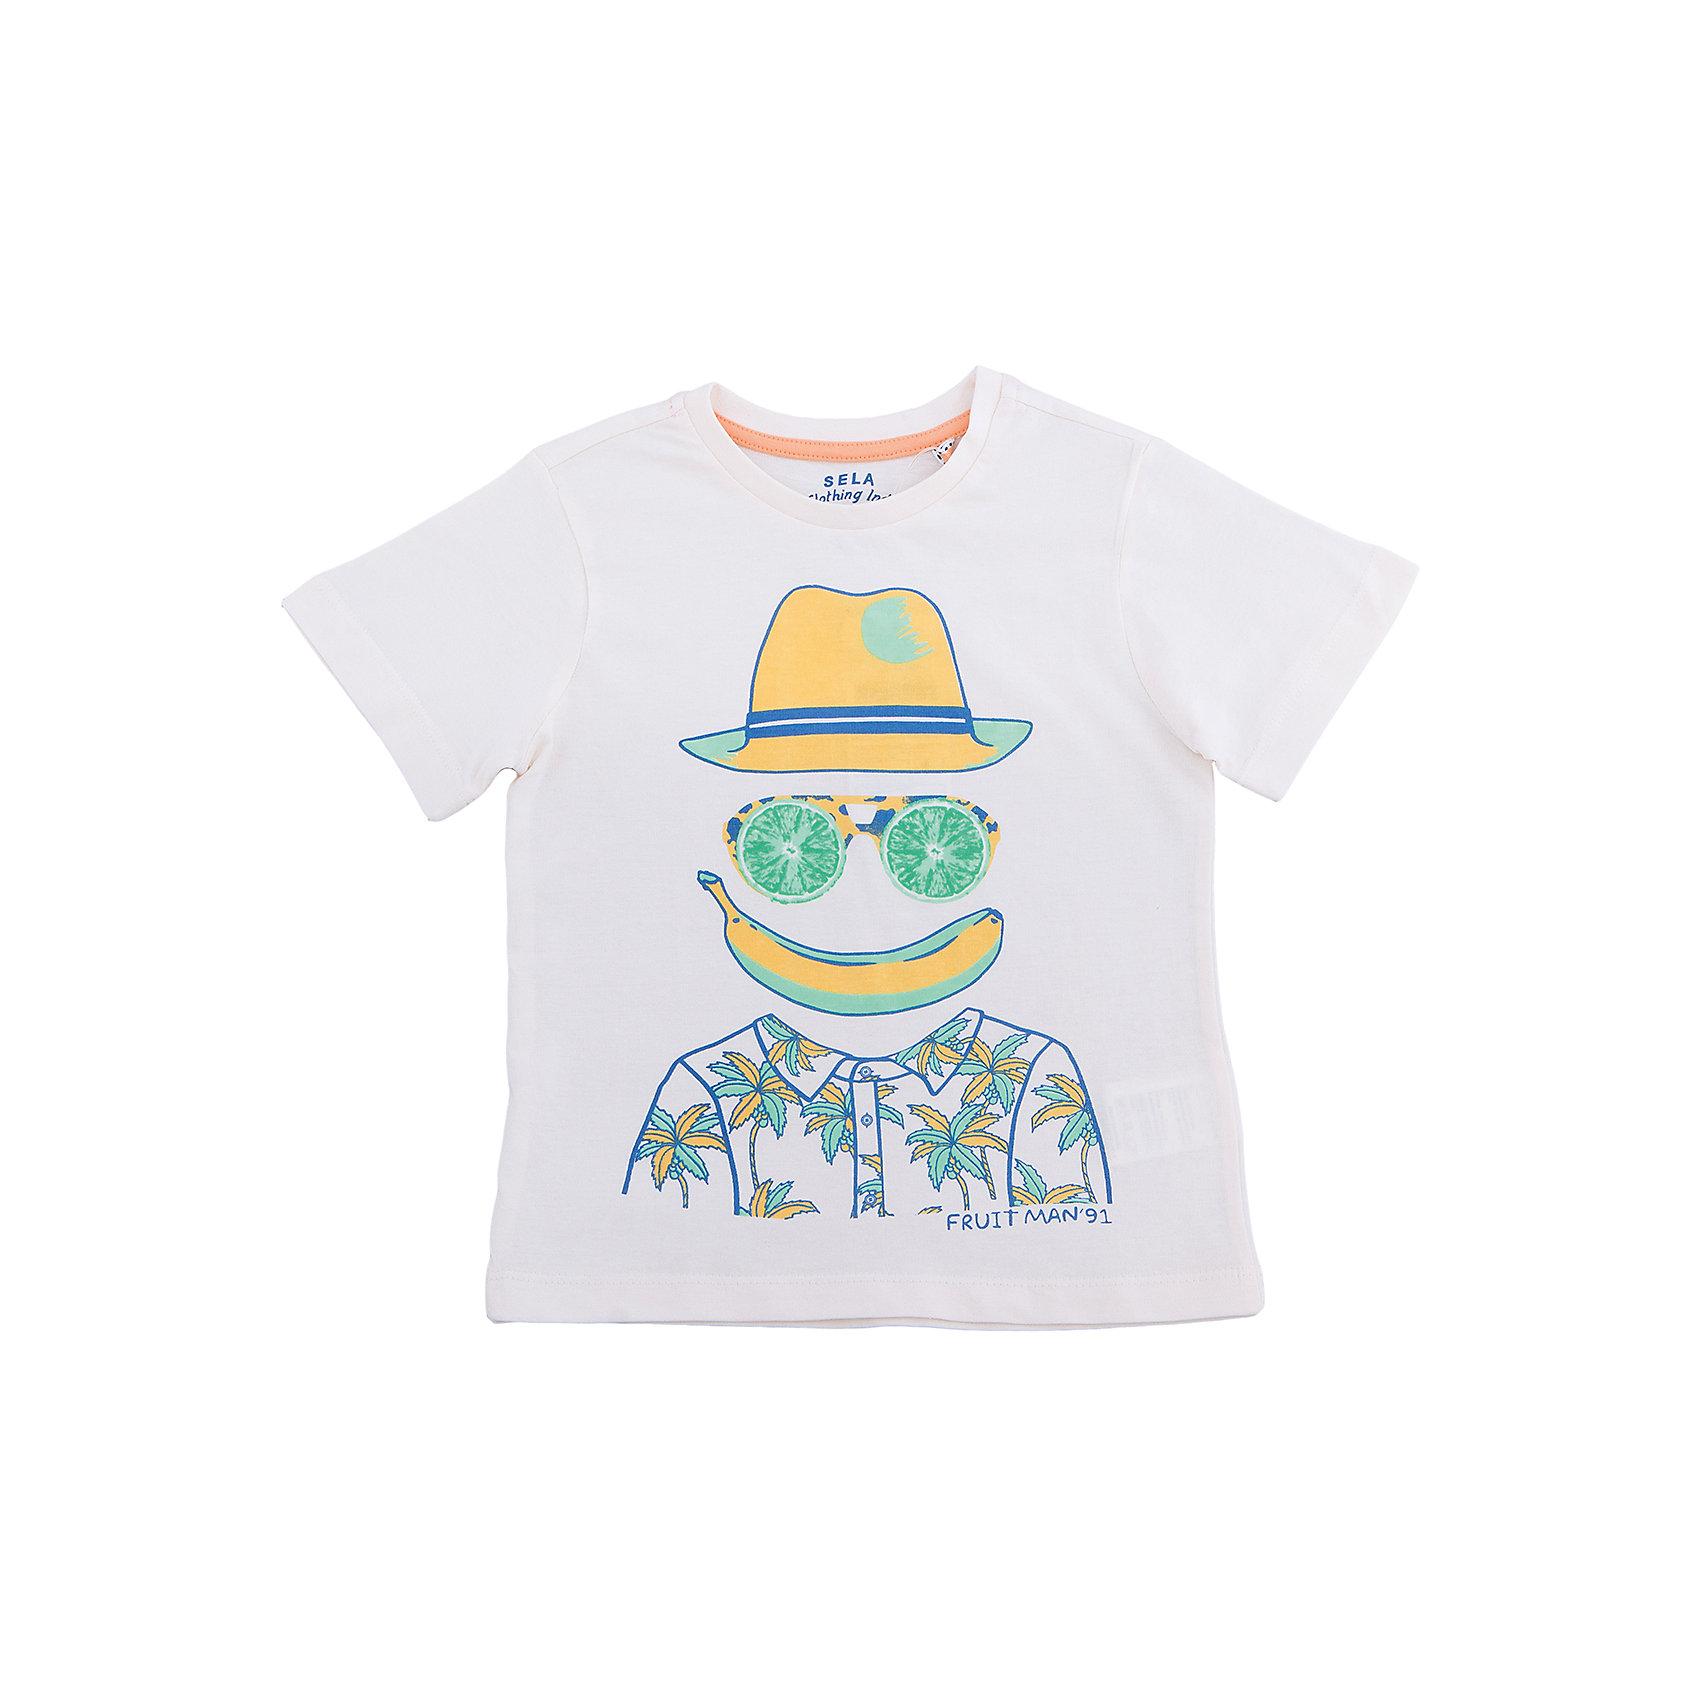 Футболка для мальчика SELAФутболки, поло и топы<br>Характеристики товара:<br><br>• состав: 100% хлопок<br>• декорирована принтом<br>• сезон: лето<br>• рукава короткие<br>• округлый горловой вырез<br>• страна бренда: Россия<br><br>Вещи из новой коллекции SELA продолжают радовать удобством! Эта футболка для мальчика поможет разнообразить гардероб ребенка и обеспечить комфорт. Она отлично сочетается с шортами и брюками. Стильная и удобная вещь!<br><br>Одежда, обувь и аксессуары от российского бренда SELA не зря пользуются большой популярностью у детей и взрослых!<br><br>Футболку для мальчика от популярного бренда SELA (СЕЛА) можно купить в нашем интернет-магазине.<br><br>Ширина мм: 230<br>Глубина мм: 40<br>Высота мм: 220<br>Вес г: 250<br>Цвет: серый<br>Возраст от месяцев: 60<br>Возраст до месяцев: 72<br>Пол: Мужской<br>Возраст: Детский<br>Размер: 116,92,98,104,110<br>SKU: 5303779